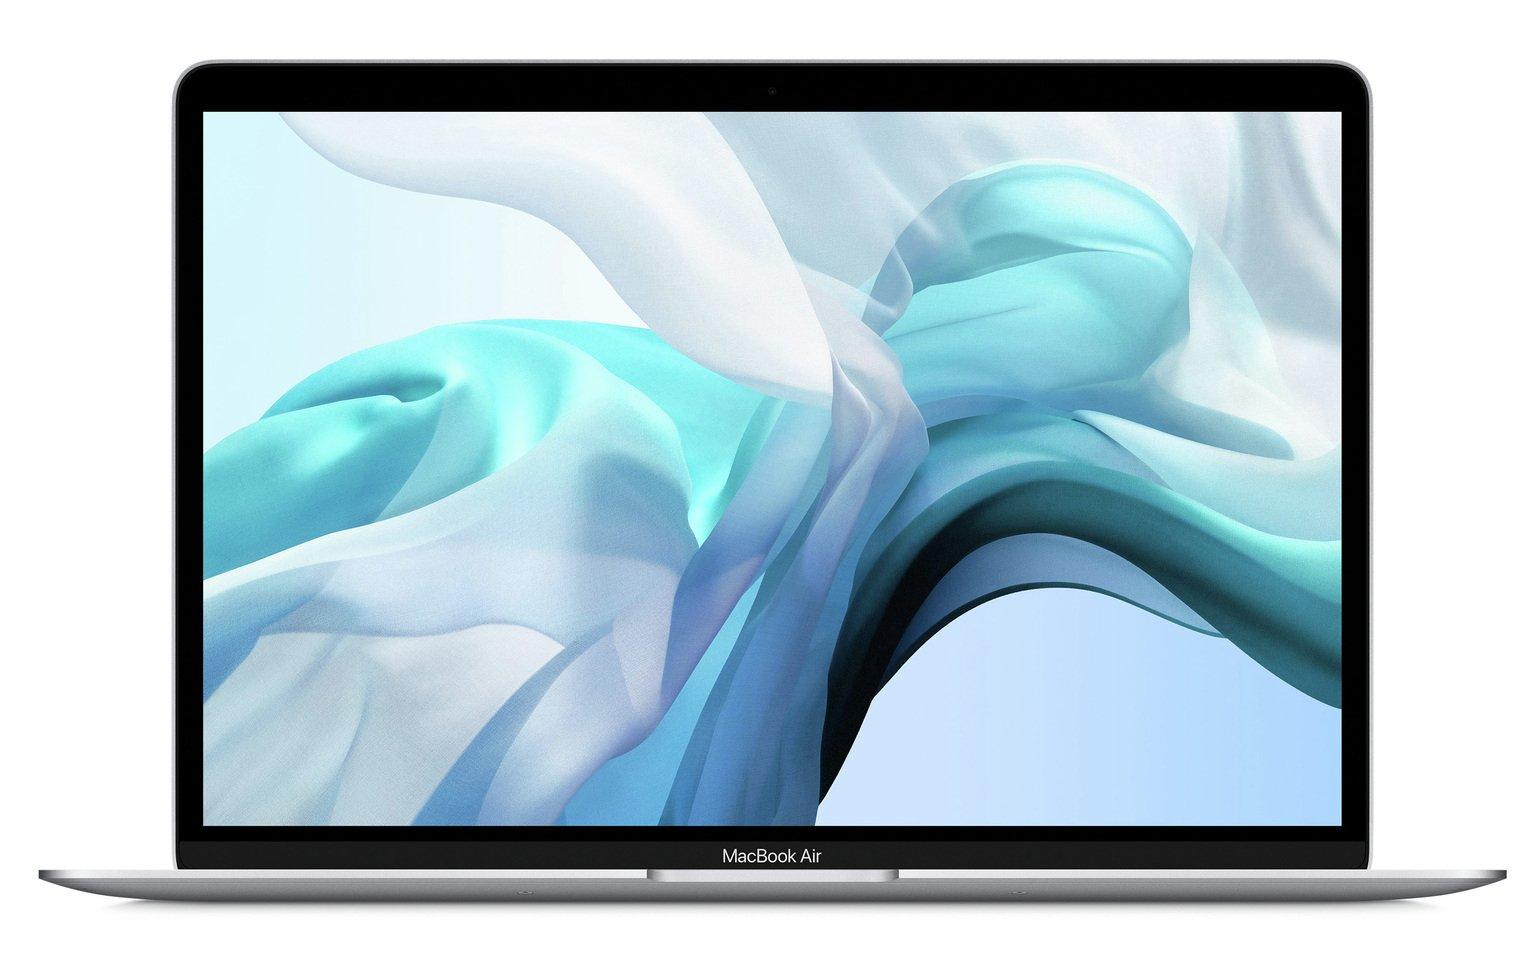 Apple MacBook Air 2020 13.3 Inch i3 8GB 256GB - Silver